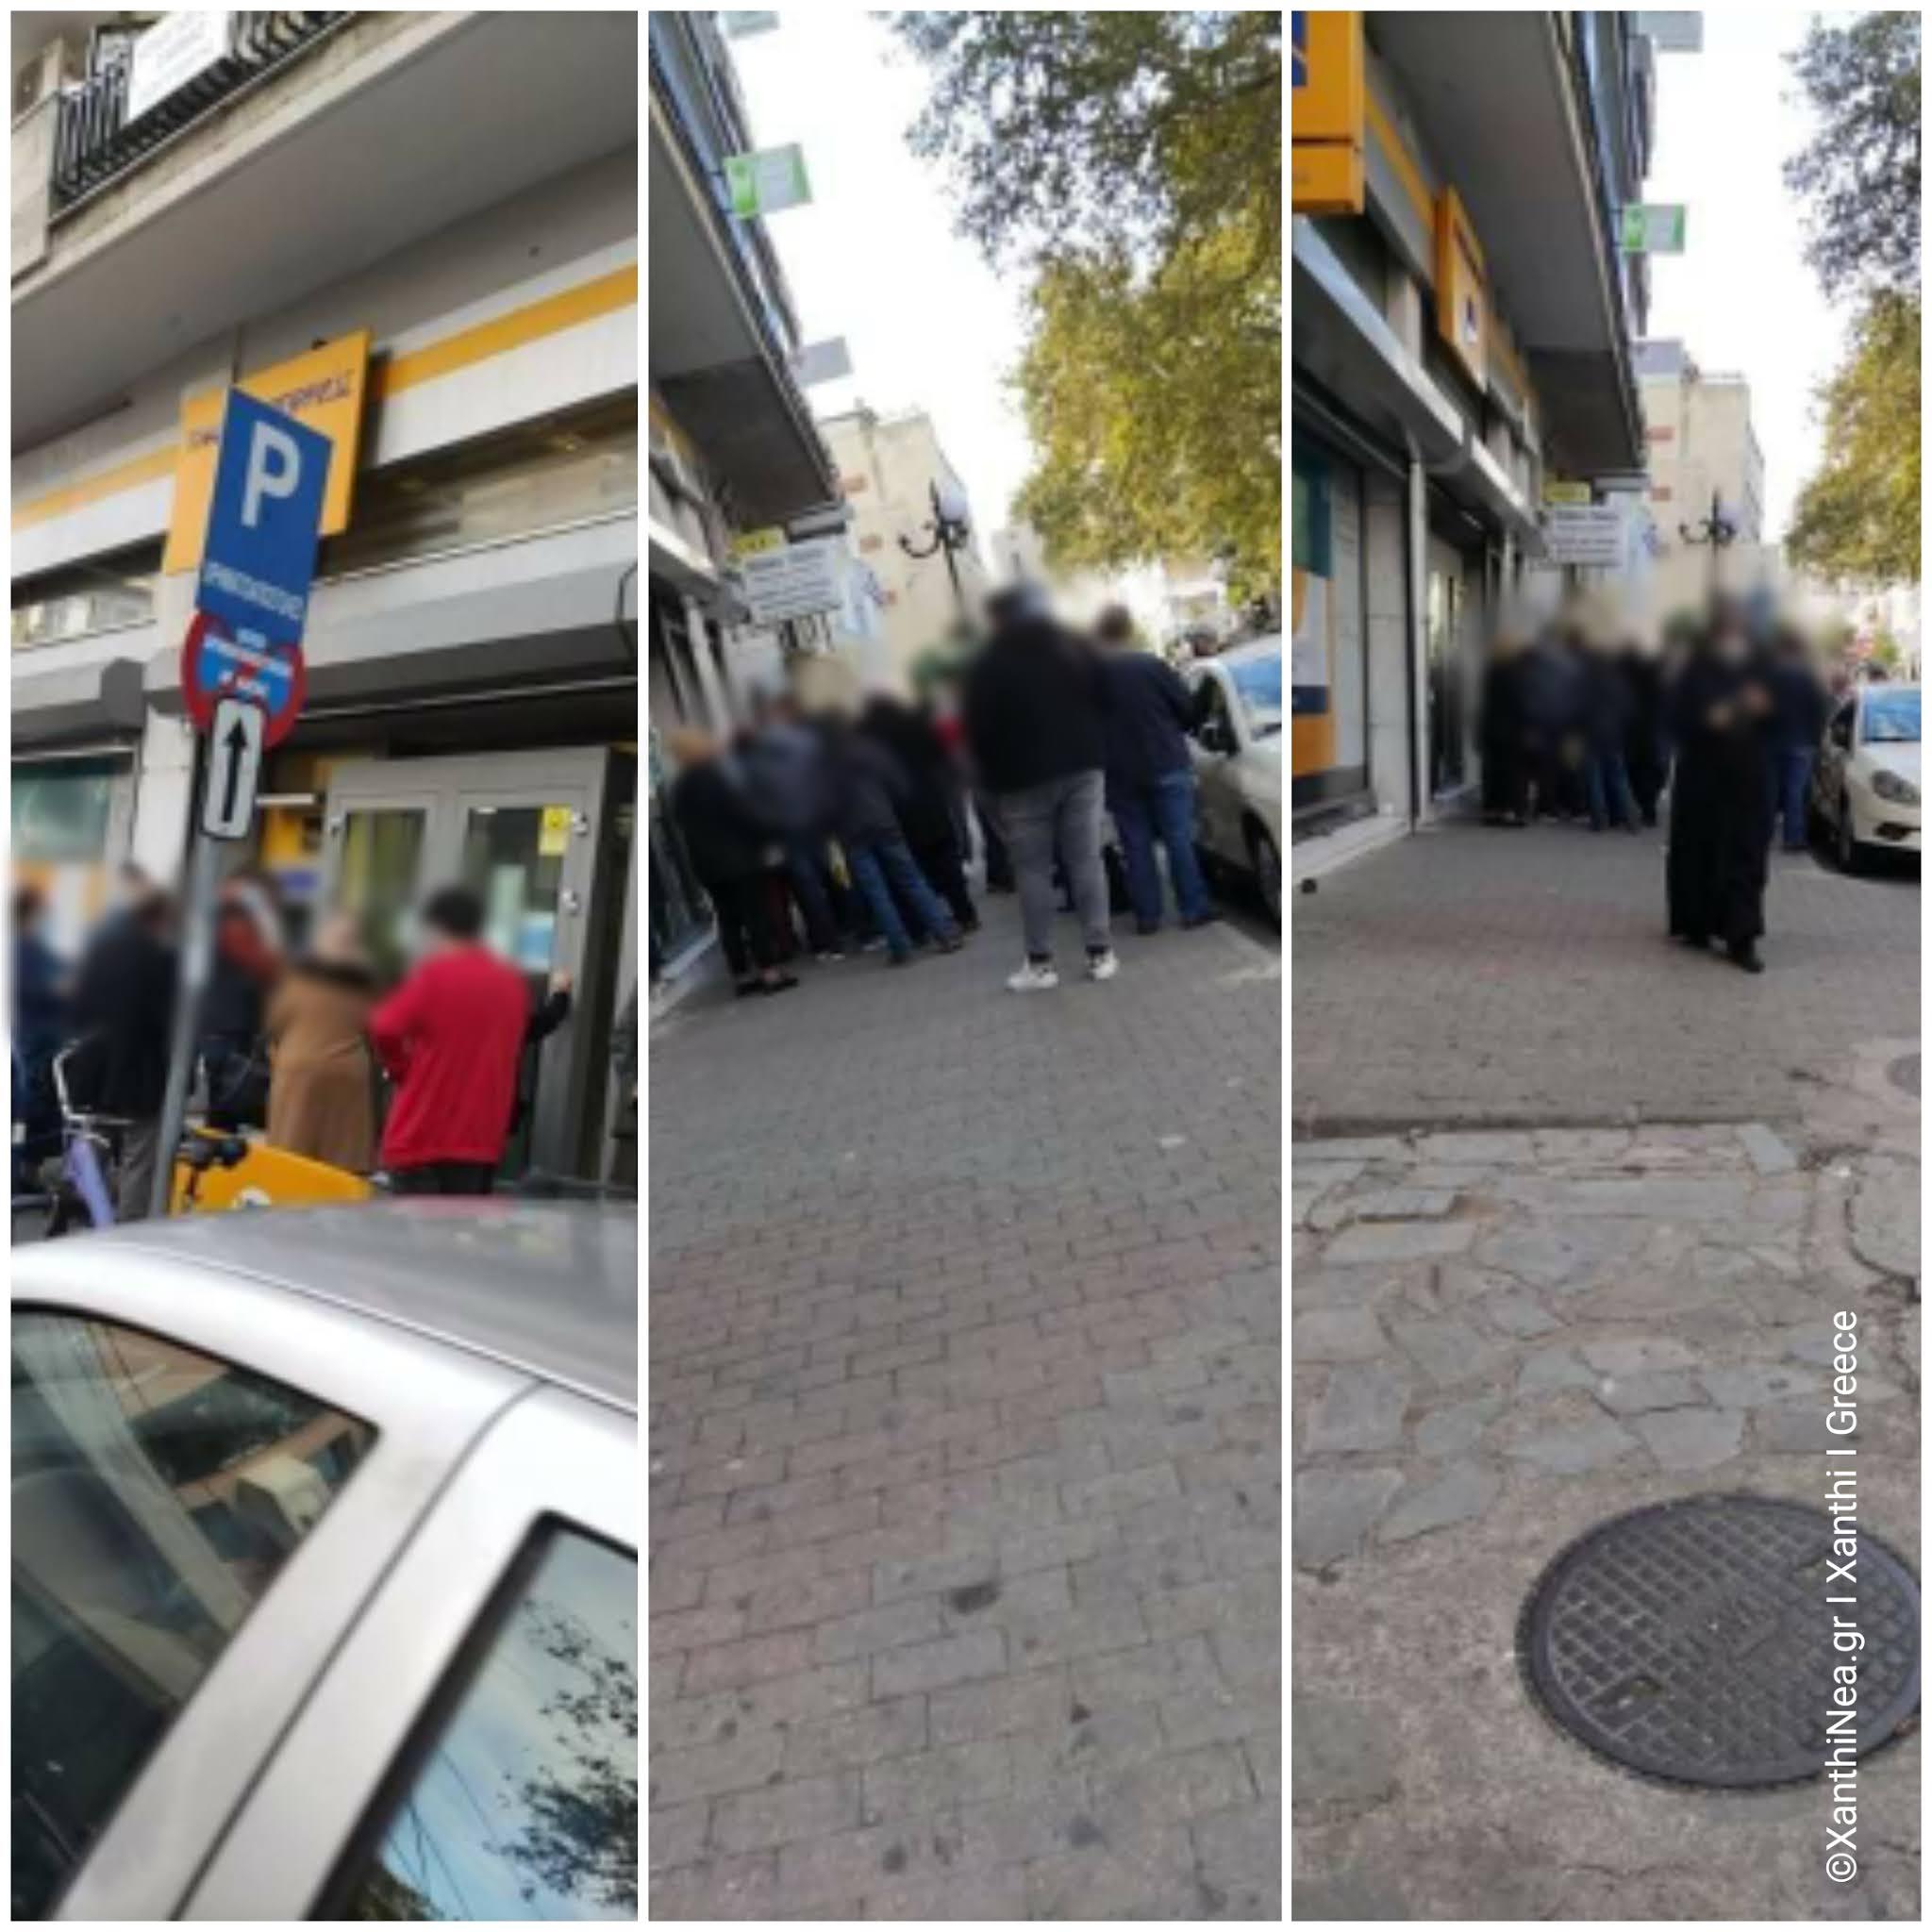 Ατελείωτες ουρές και συνωστισμός έξω από τις τράπεζες στην Ξάνθη